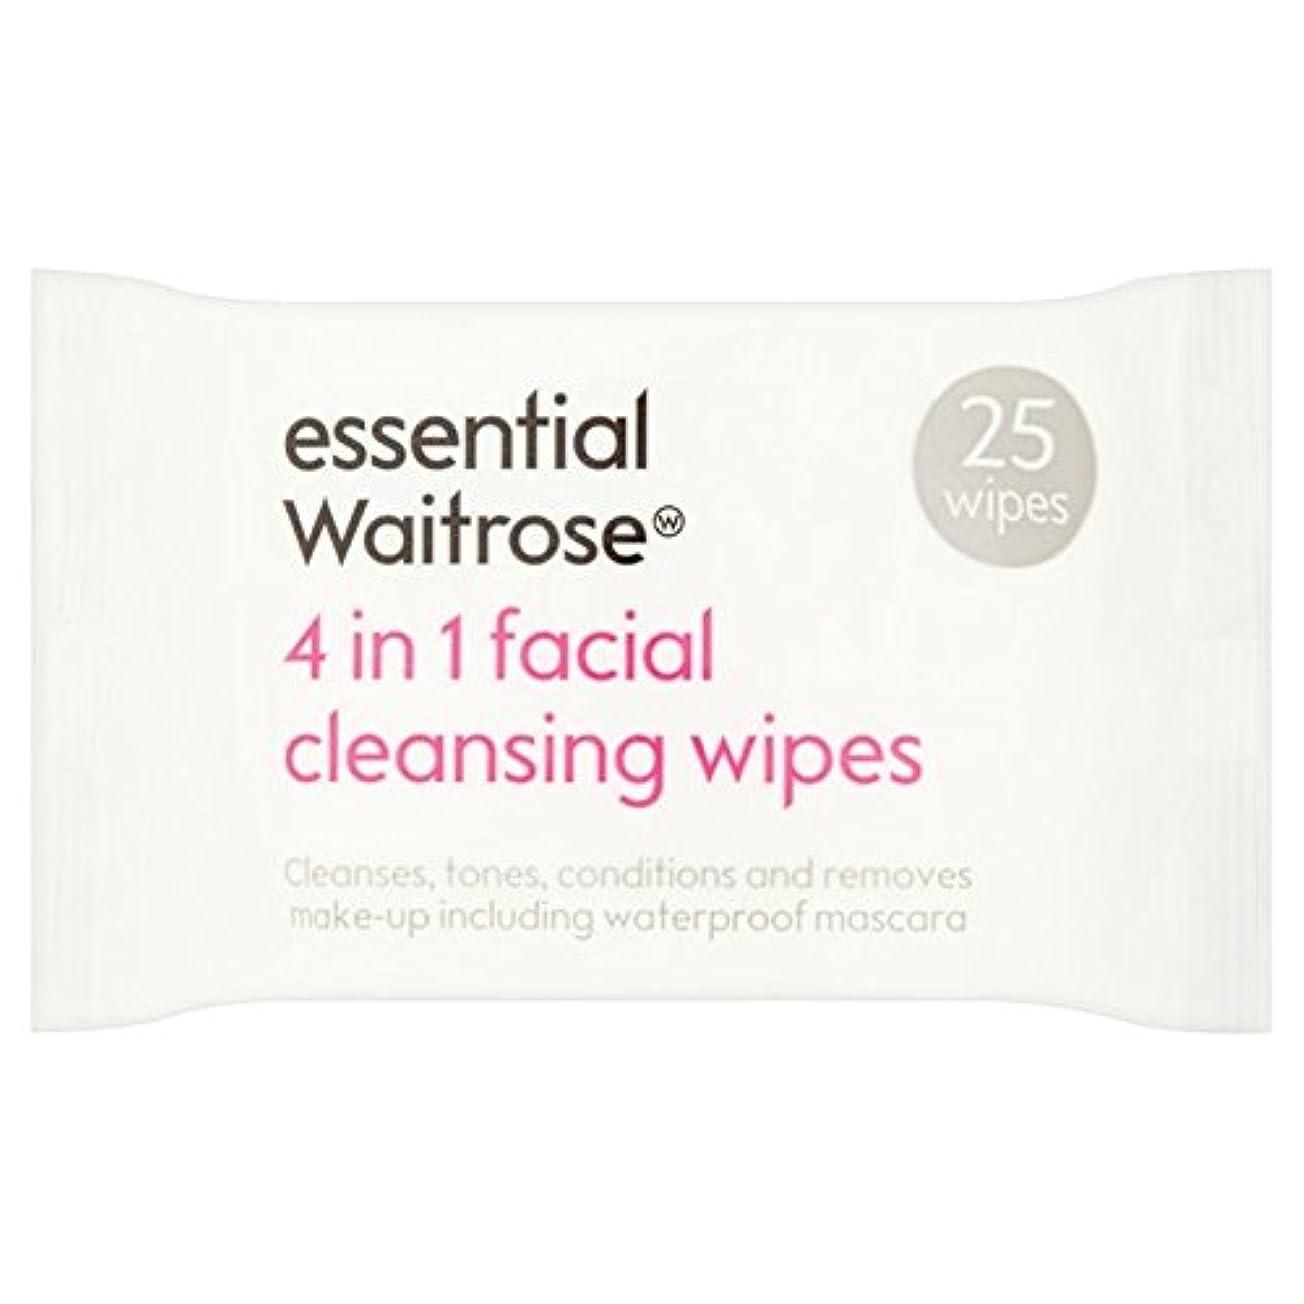 3 in 1 Facial Wipes essential Waitrose 25 per pack - 3 1での顔のワイプパックあたり不可欠ウェイトローズ25 [並行輸入品]